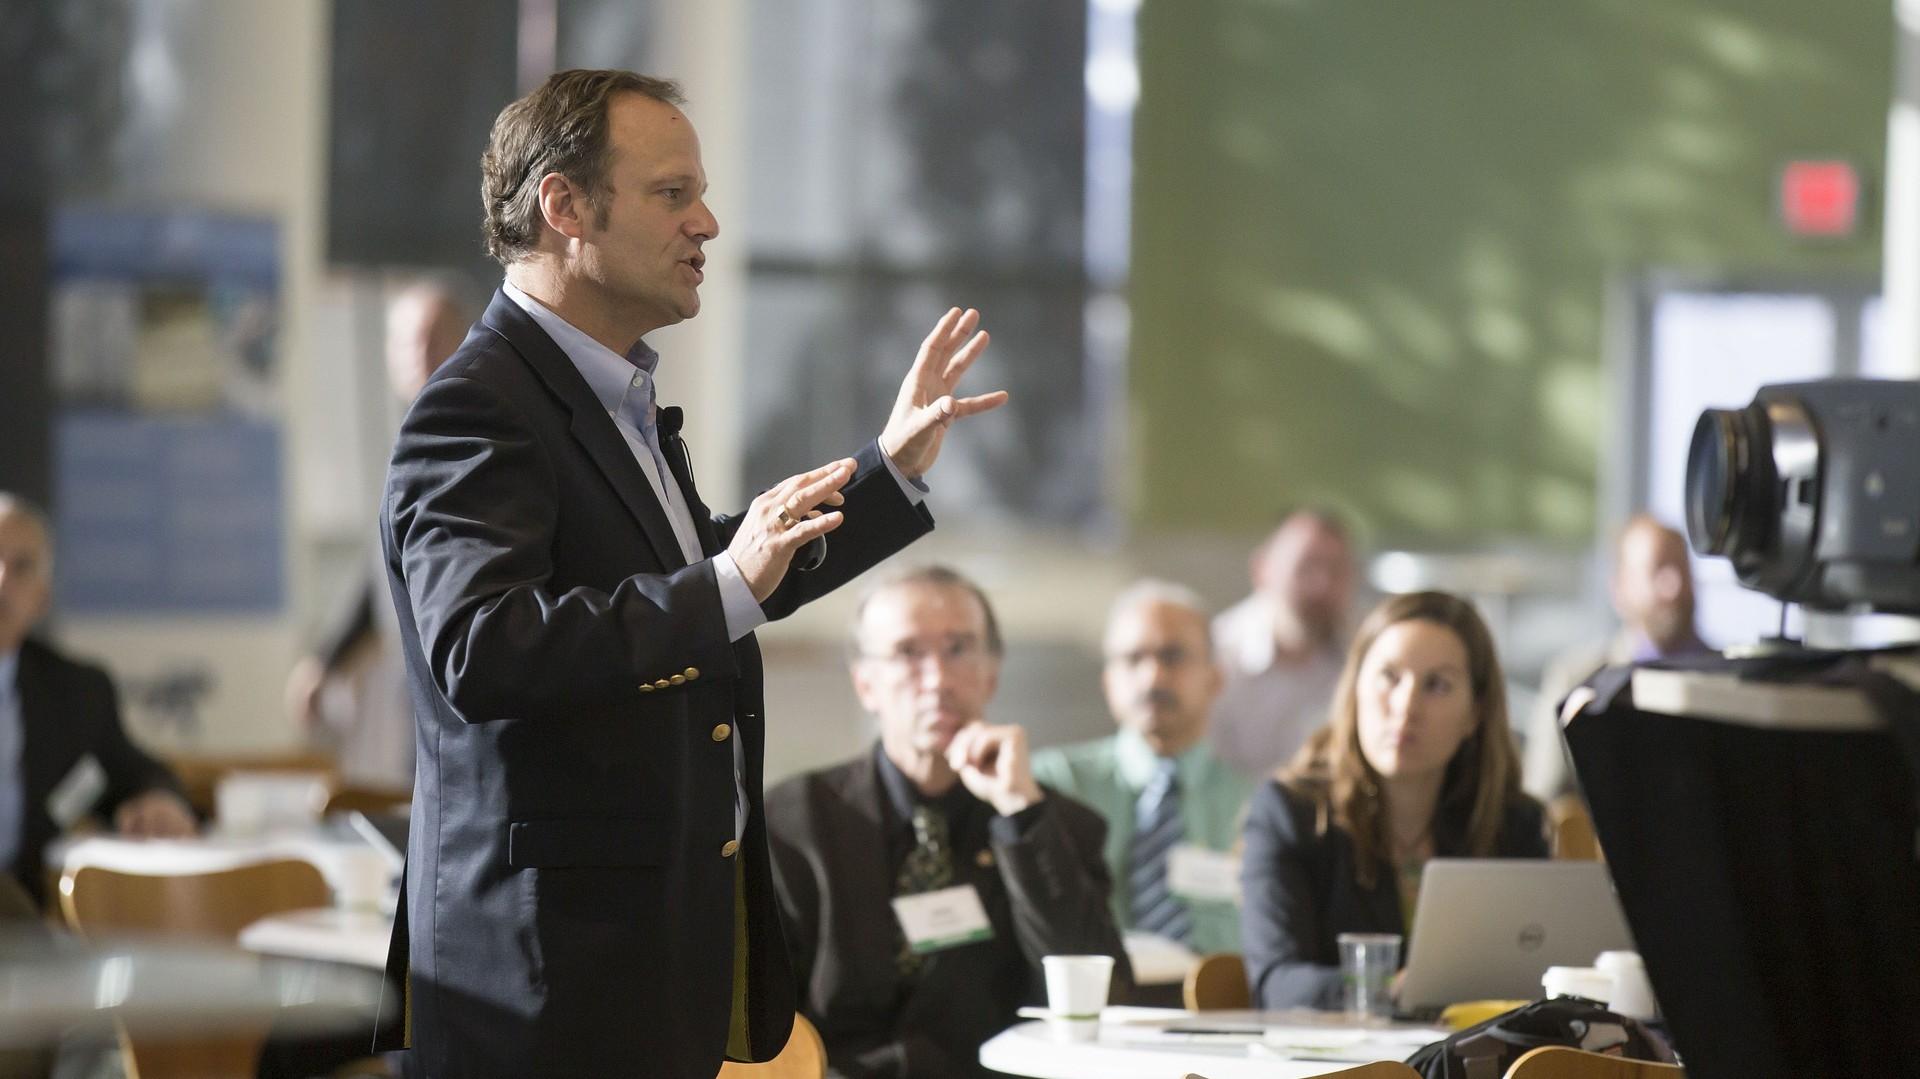 Nationale und internationale Keynote Speaker treffen auf Ärzte und Praktiker